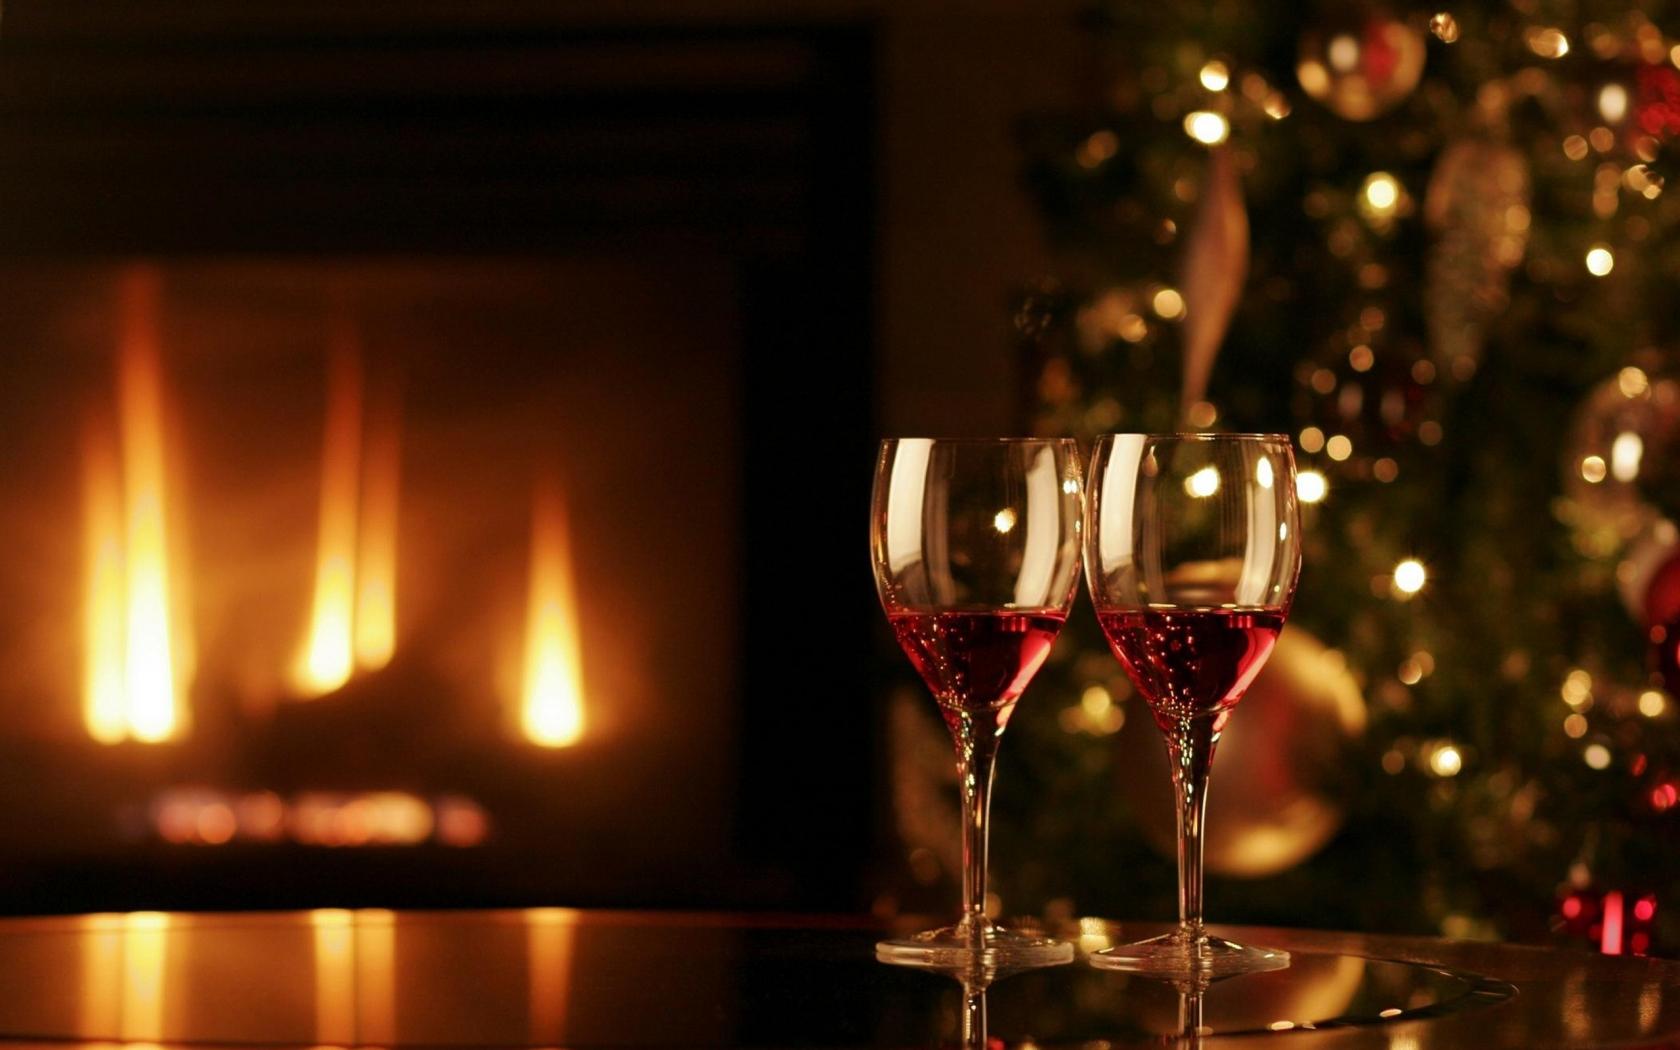 Dos copas con vino para navidad - 1680x1050